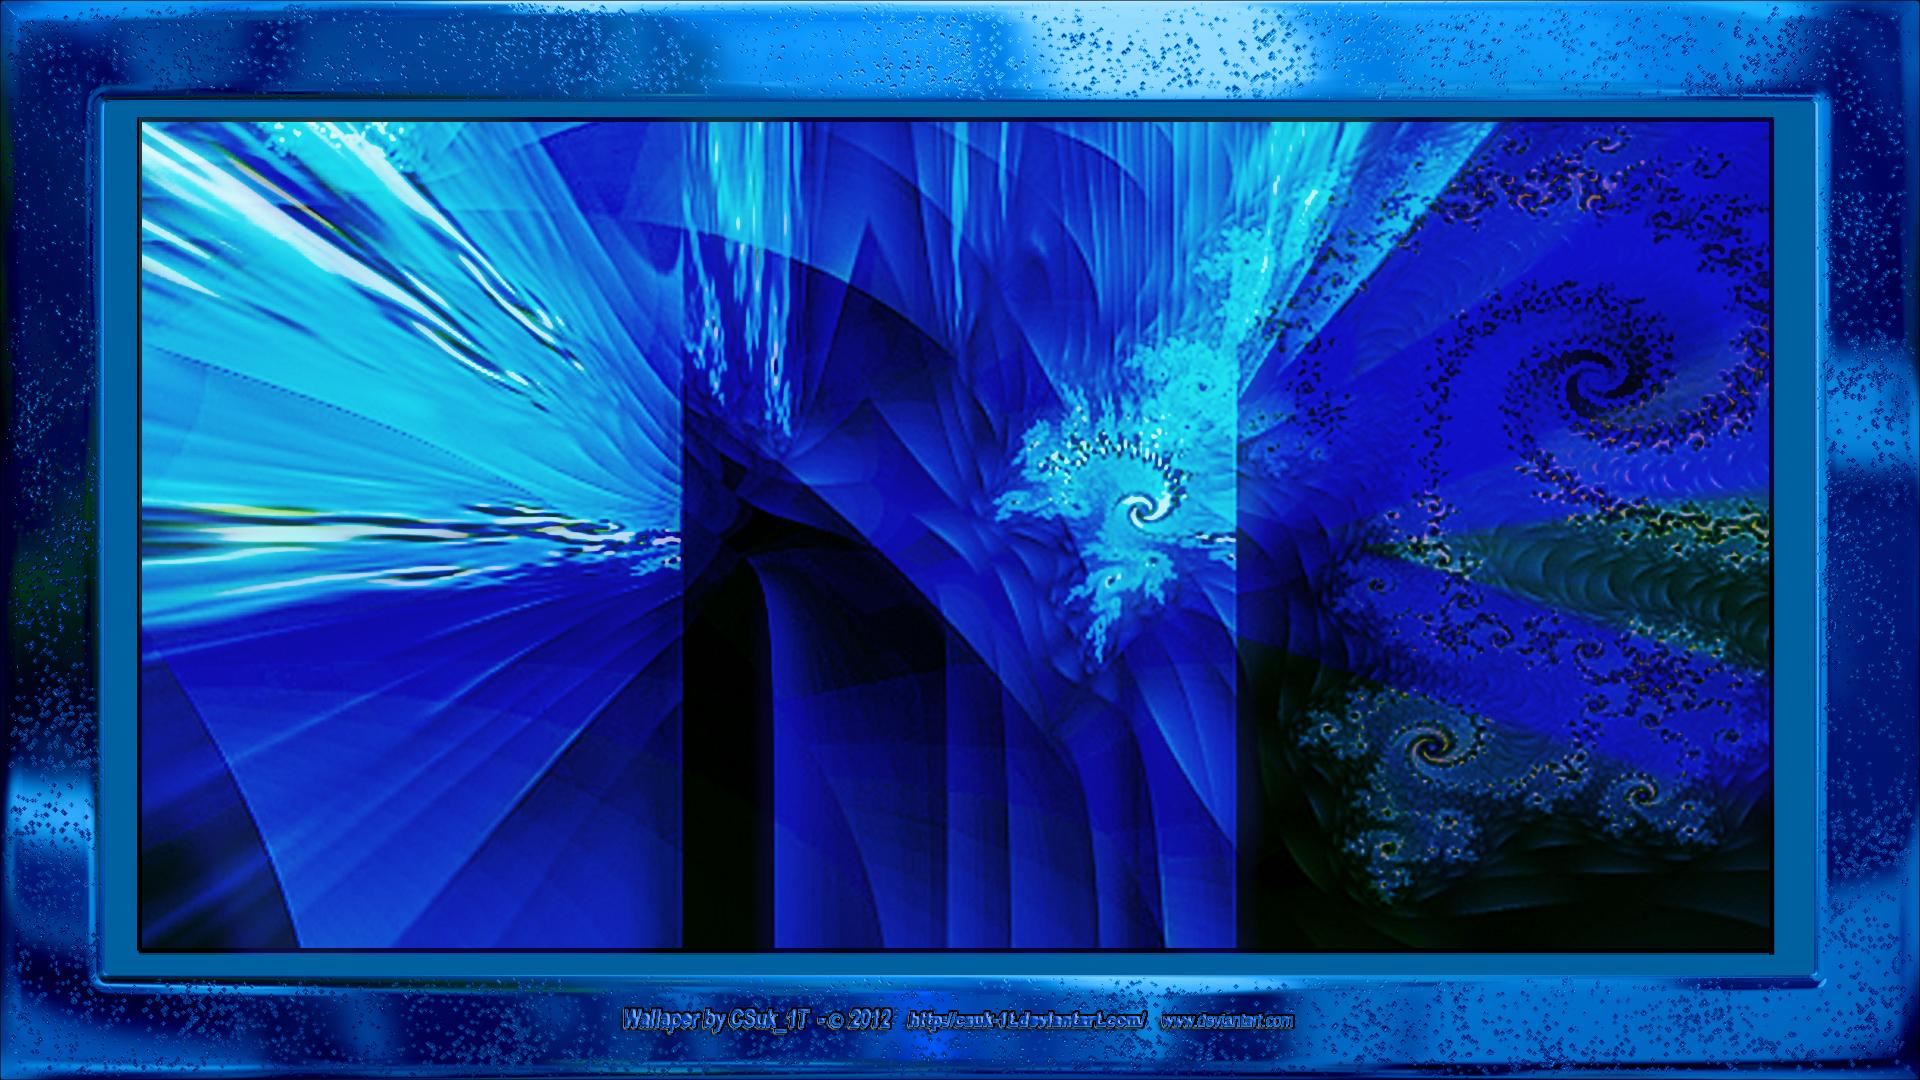 Cobalt Blue Abstract Wallpaper: COBALT + GUN METAL BLUE (Tryptich) By CSuk-1T On DeviantART